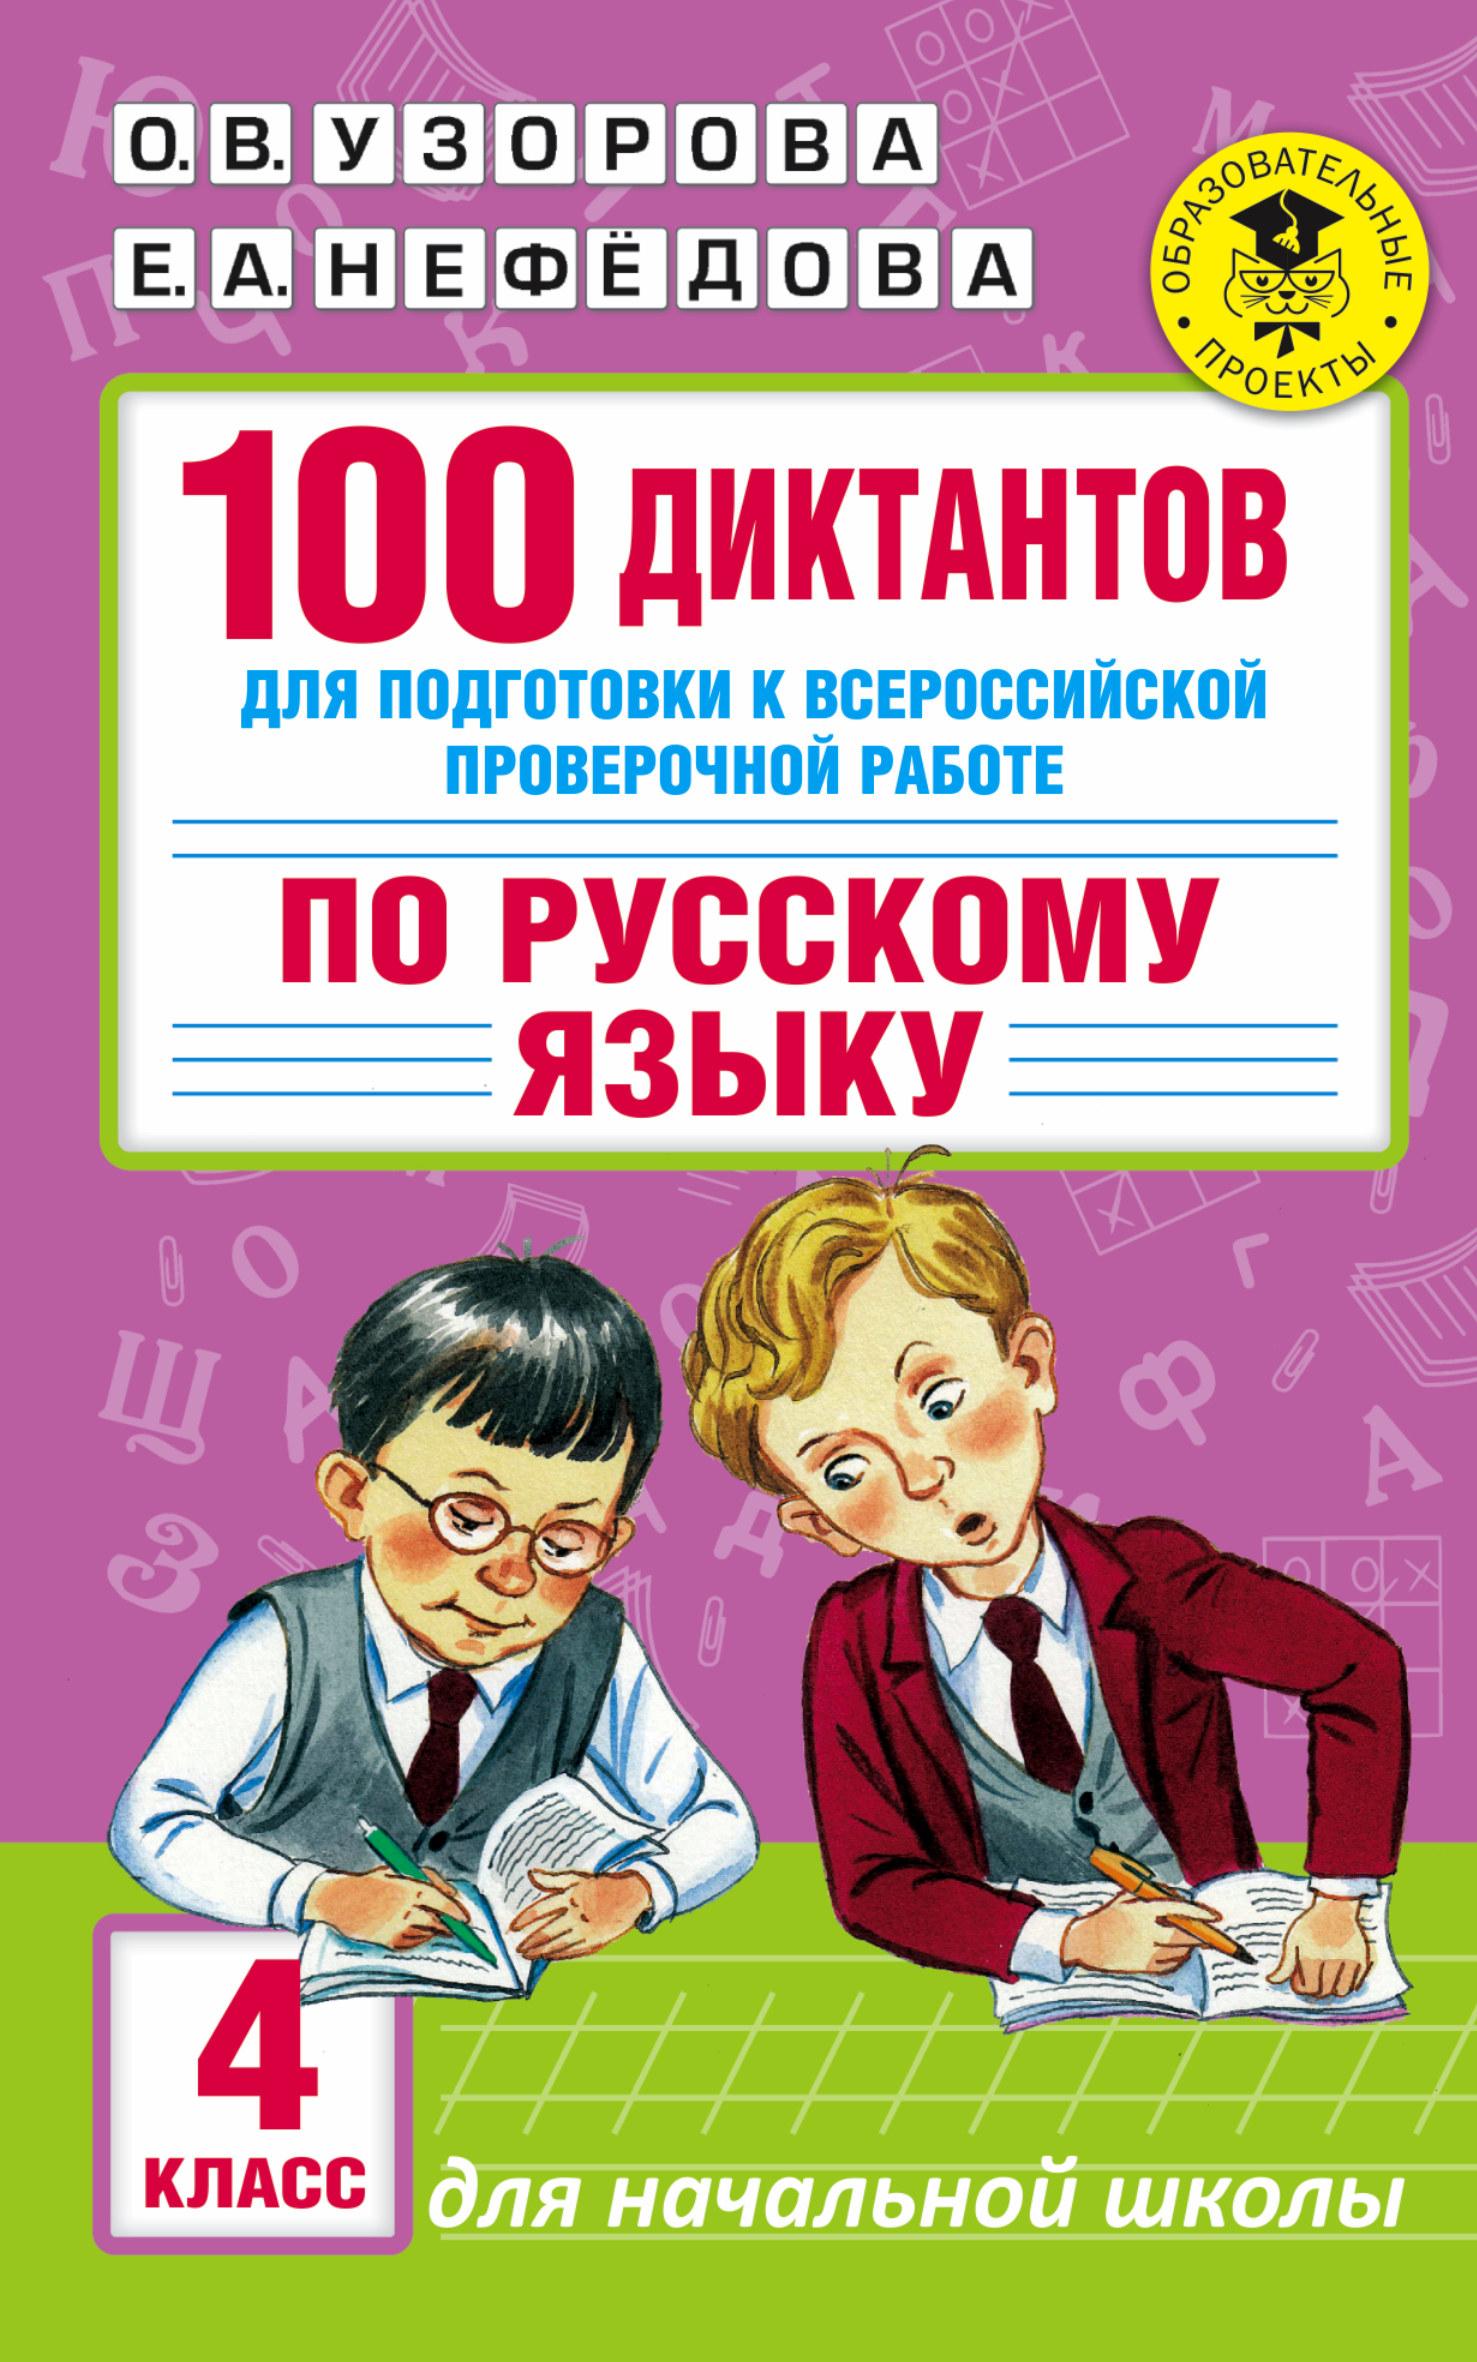 100 диктантов для подготовки к Всероссийской проверочной работе по русскому языку ( Узорова О.В.  )